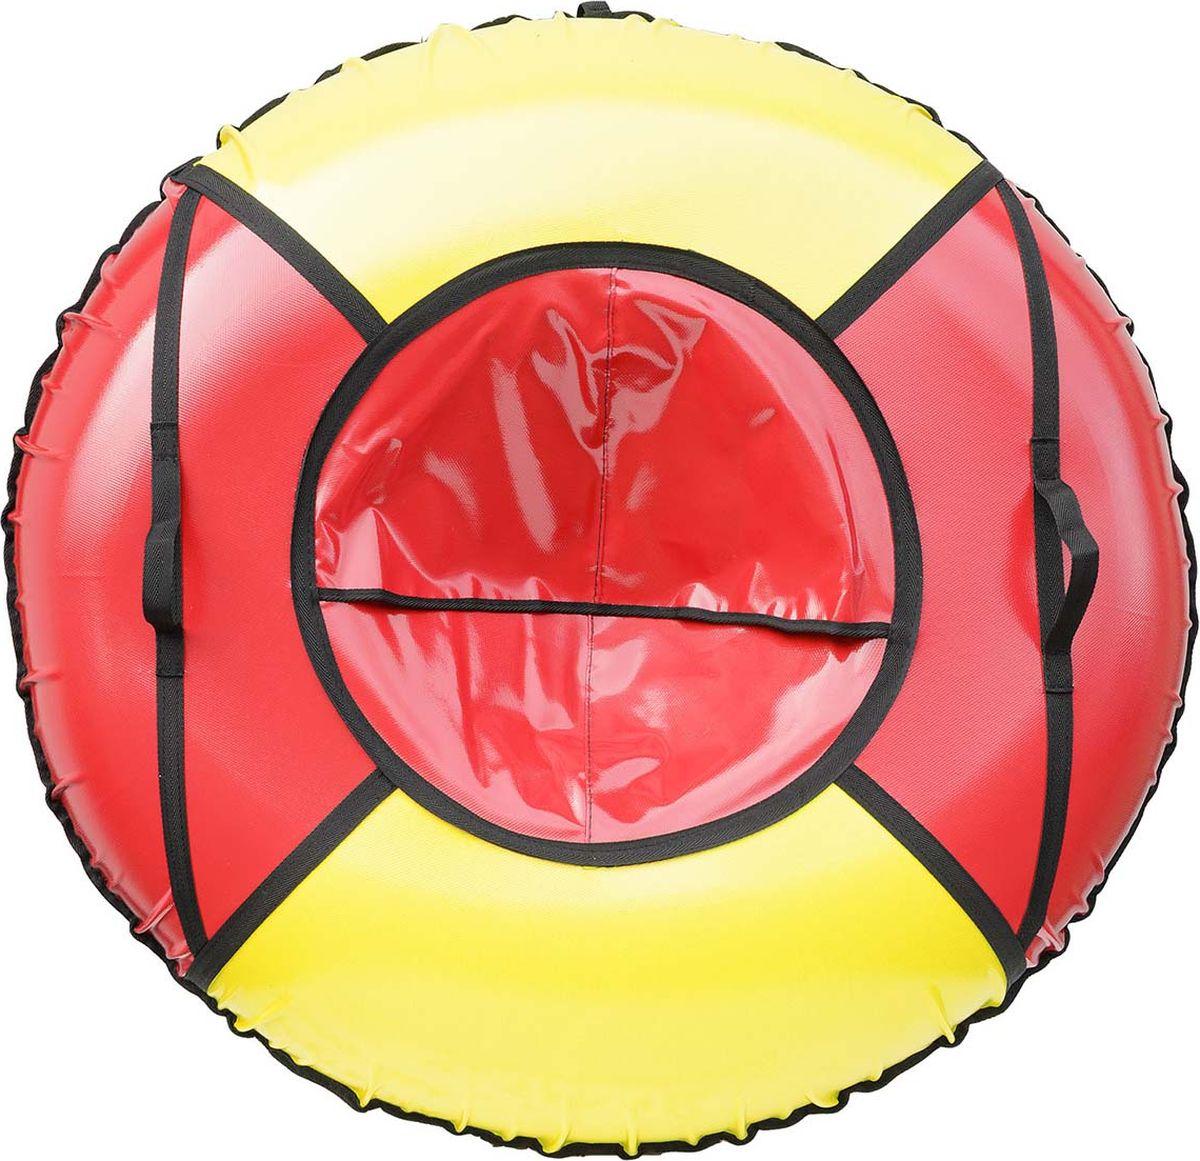 Тюбинг Эх, Прокачу! Профи-4, цвет: красный, желтый, диаметр 70 смСП70-4-1Любимая детская зимняя забава - это кататься с горки. А катание на тюбинге Эх, Прокачу! Профи-4 надолго запомнится вам и вашим близким. Свежий воздух, веселая компания, веселые развлечения - эти моменты вы будете вспоминать еще долгое время.Особенности: Материал - ткань ПВХ, плотность 630 г/м2.Диаметр в надутом виде - 70 см.Морозоустойчивость - до -45 градусов.Камера российского производства, буксировочный ремень. Тюбинг не предназначен для буксировки механическими или транспортными средствами (подъемники, канатные дороги, лебедки, автомобиль, снегоход, квадроцикл и т.д.).Допускается деформация формы санок из-за неравномерности надувания камеры.